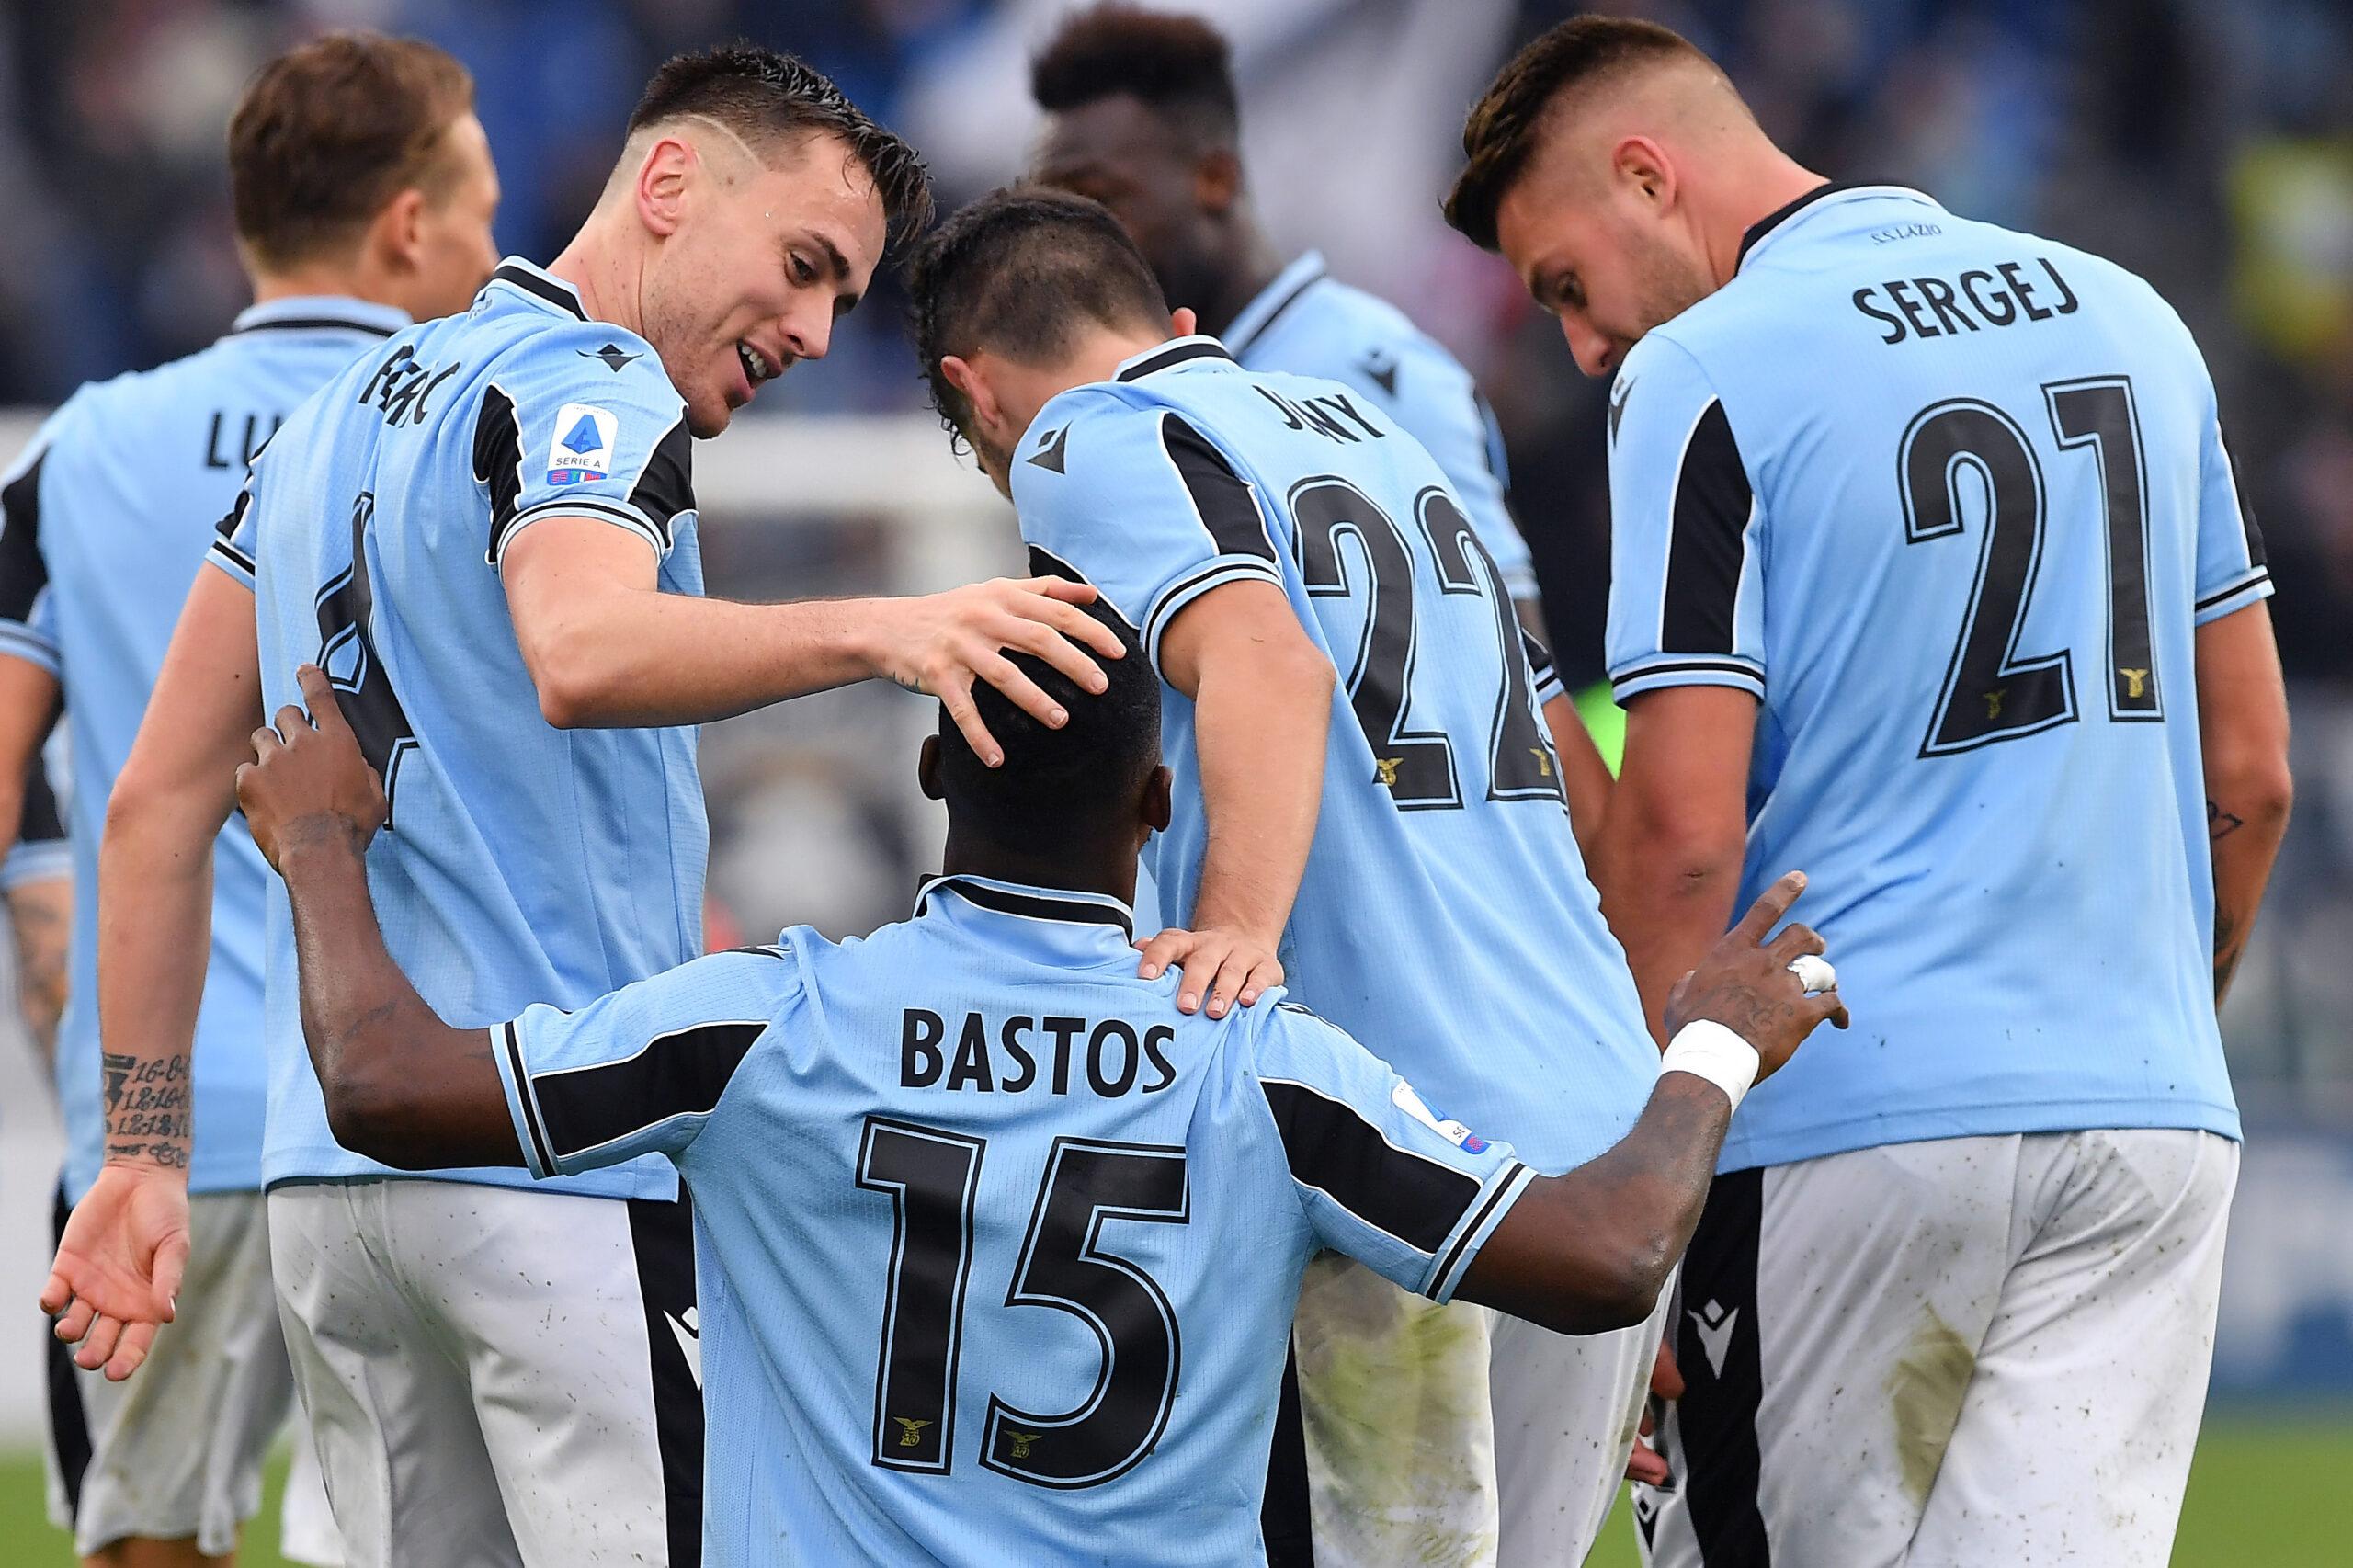 Di Marzio: «Bastos saluta: va al Basaksehir» - Lazio News 24